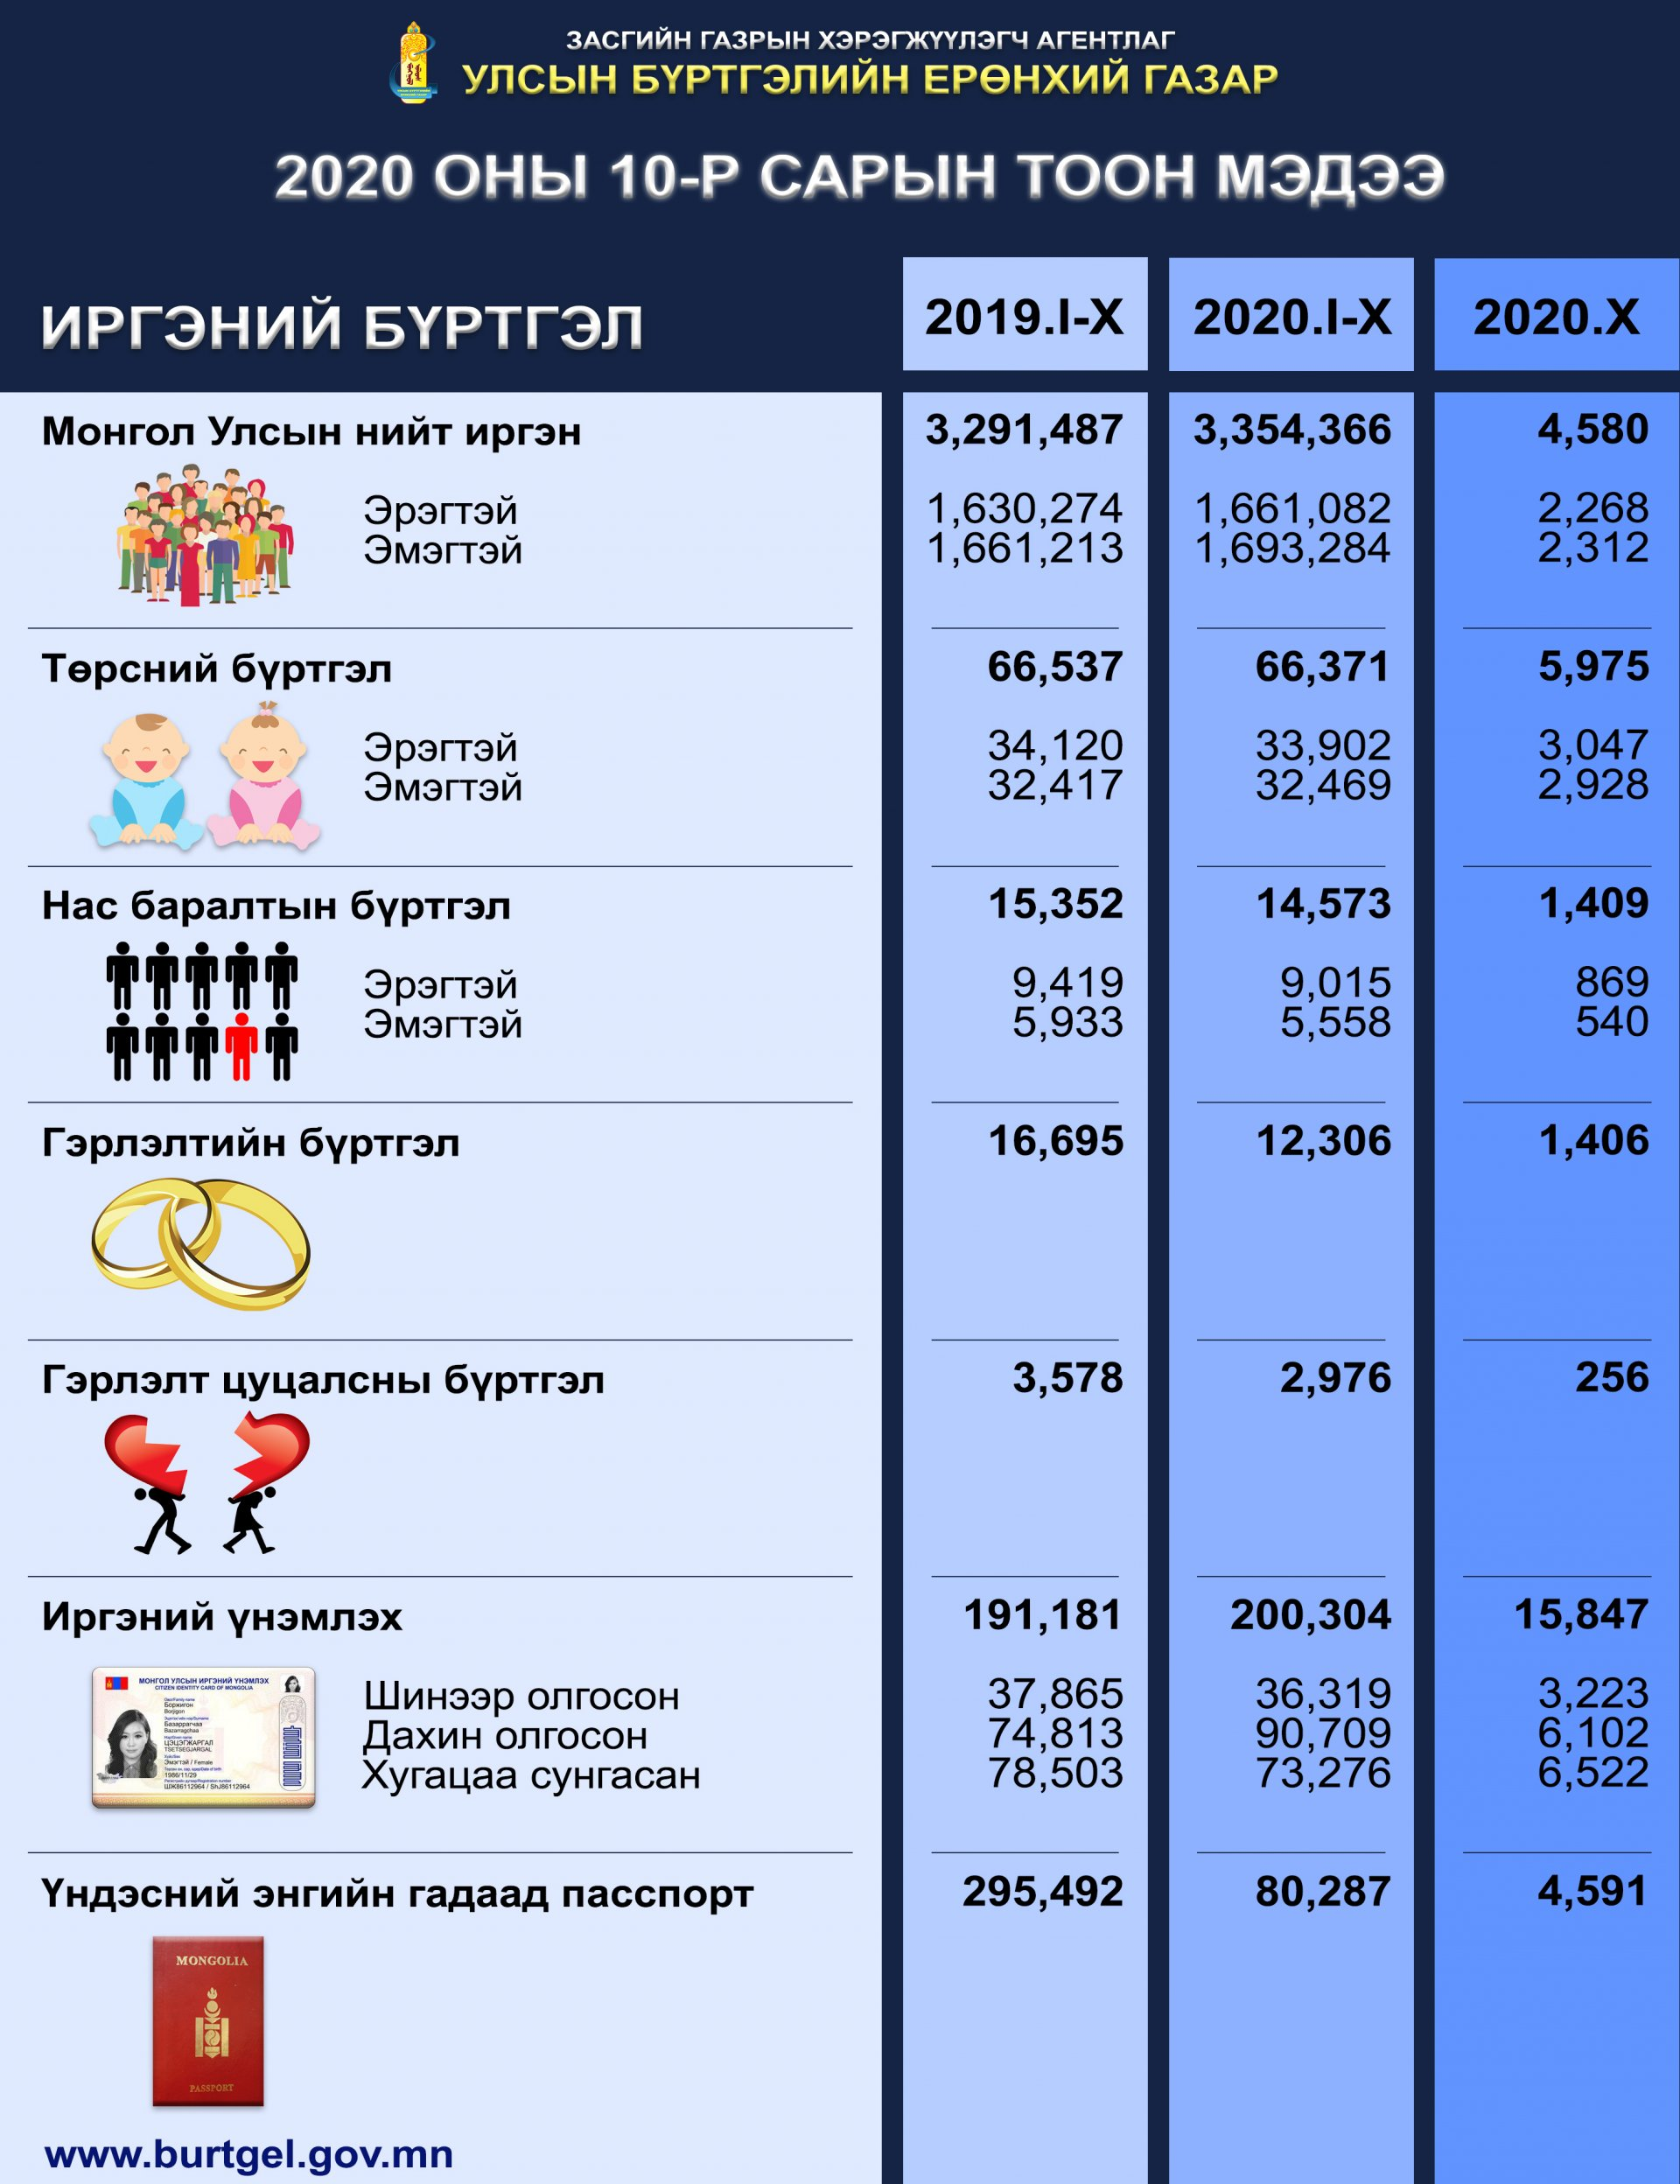 Улсын бүртгэлийн байгууллагын 10-р сарын тоон мэдээ